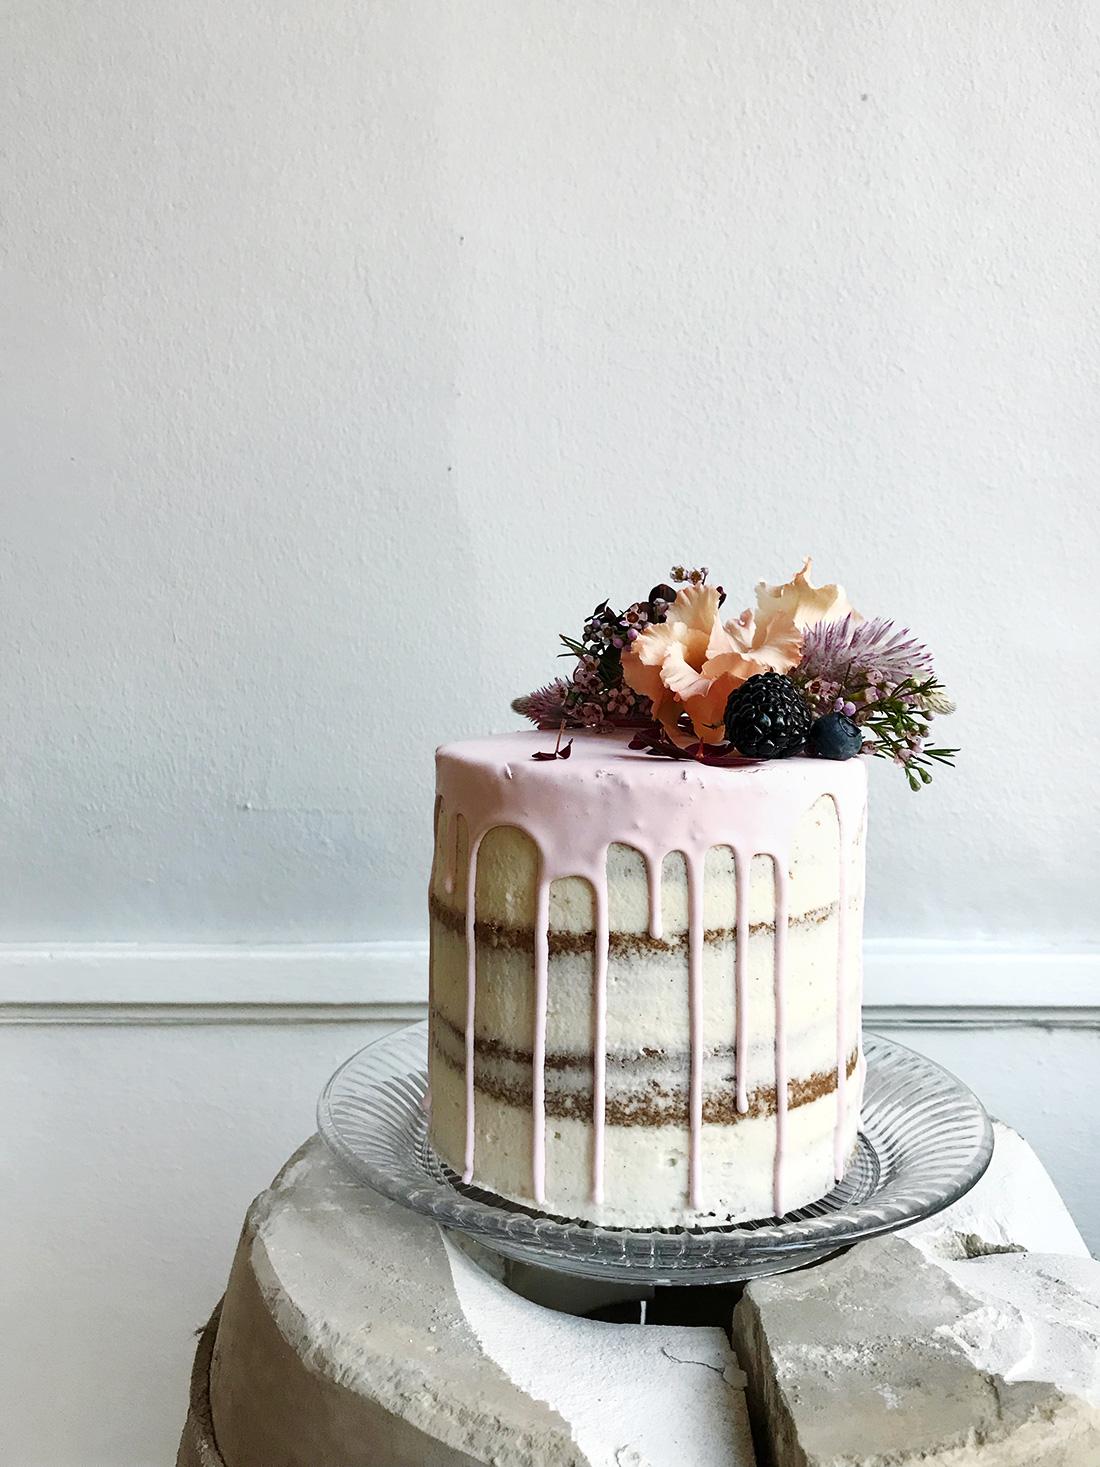 79d72334620a Skal den være helt traditionel høj og i flere lag  Skal den være moderne og  utraditionel  Skal den være flad og minimalistisk  Skal vi have mange små  kager ...